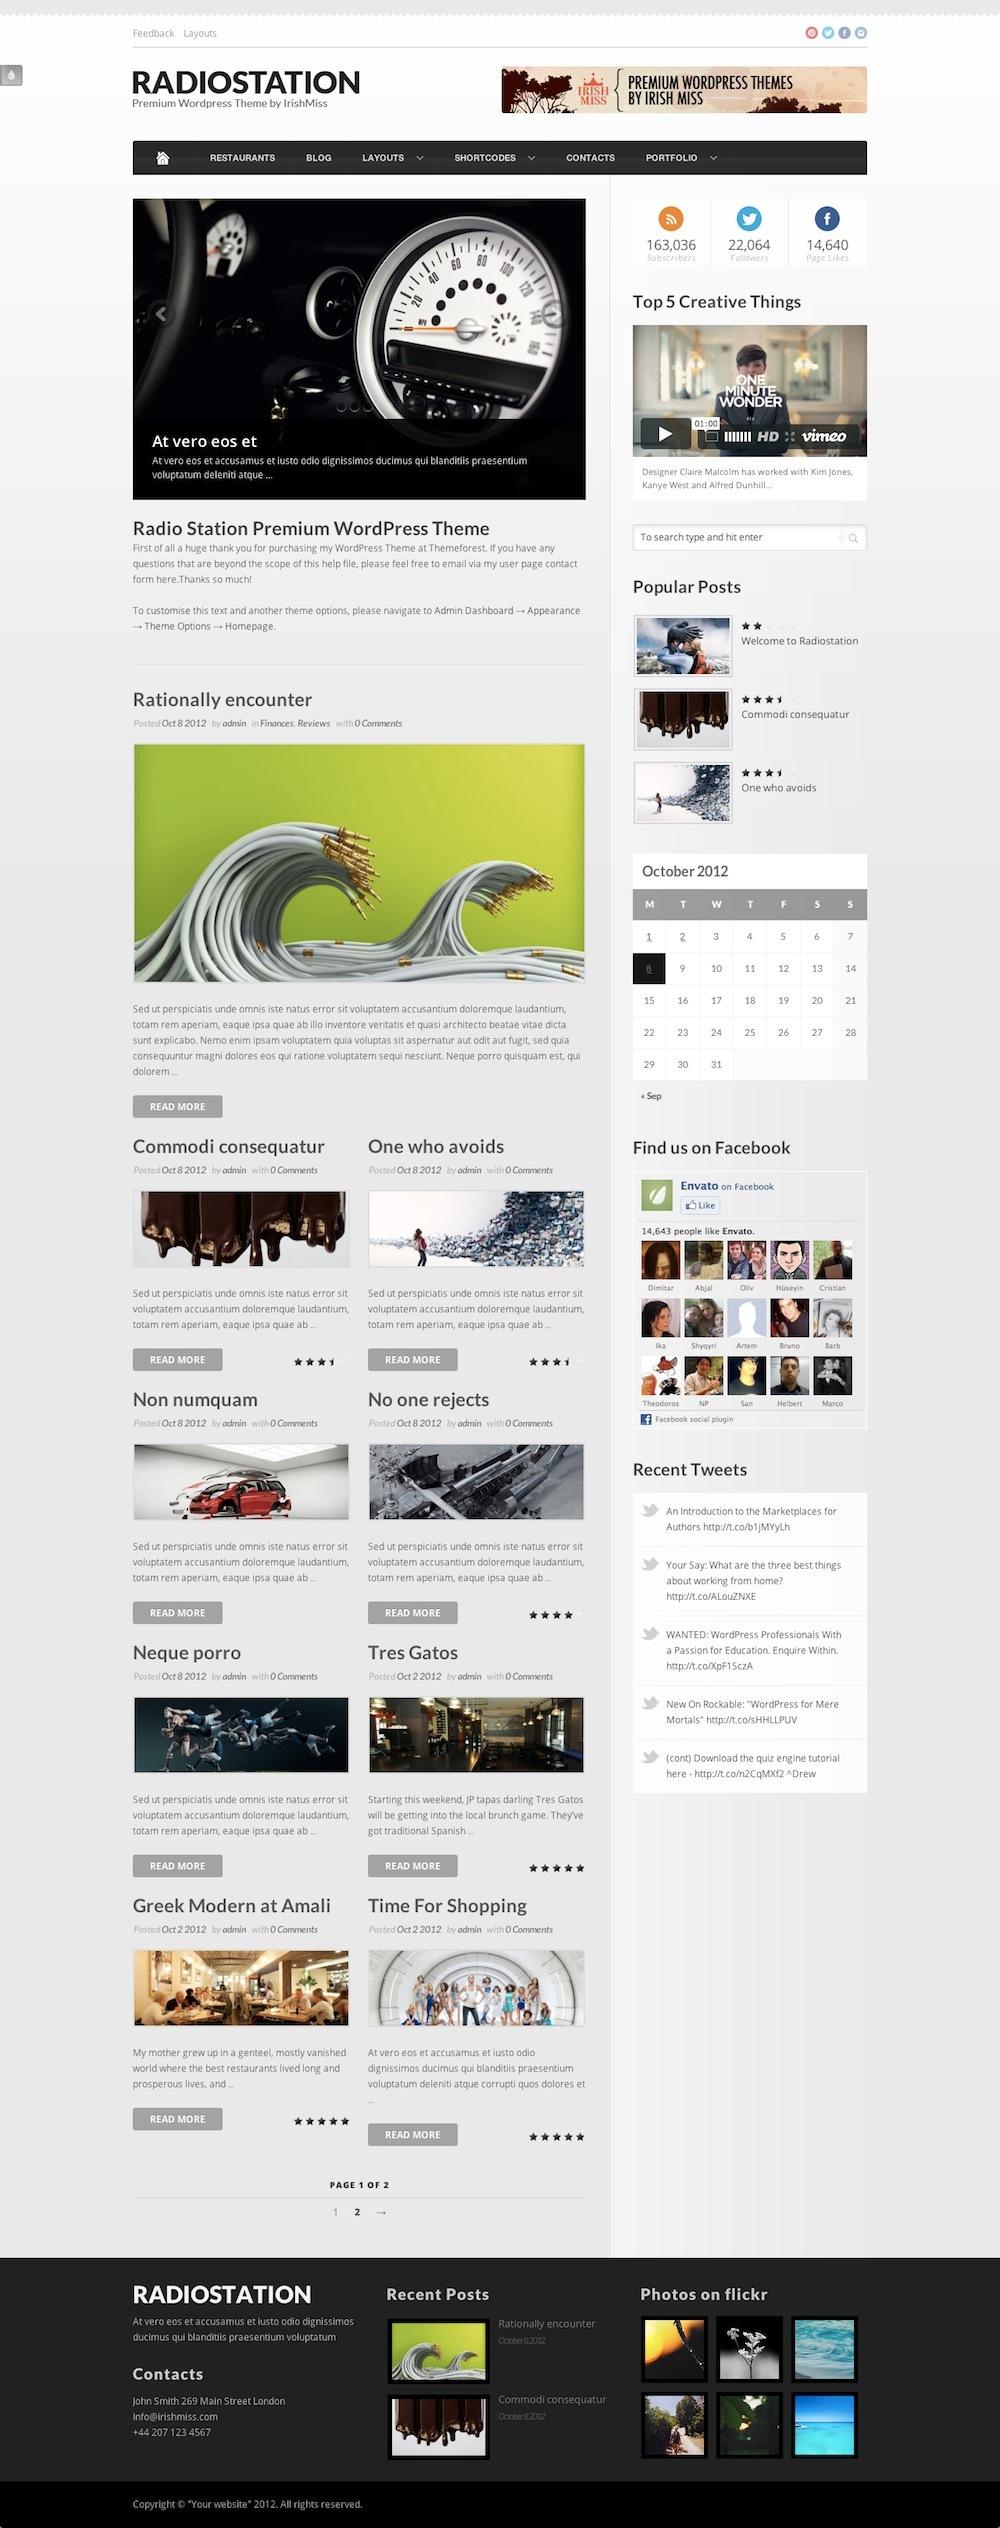 http://1.s3.envato.com/files/45764151/previews/03_home.jpg